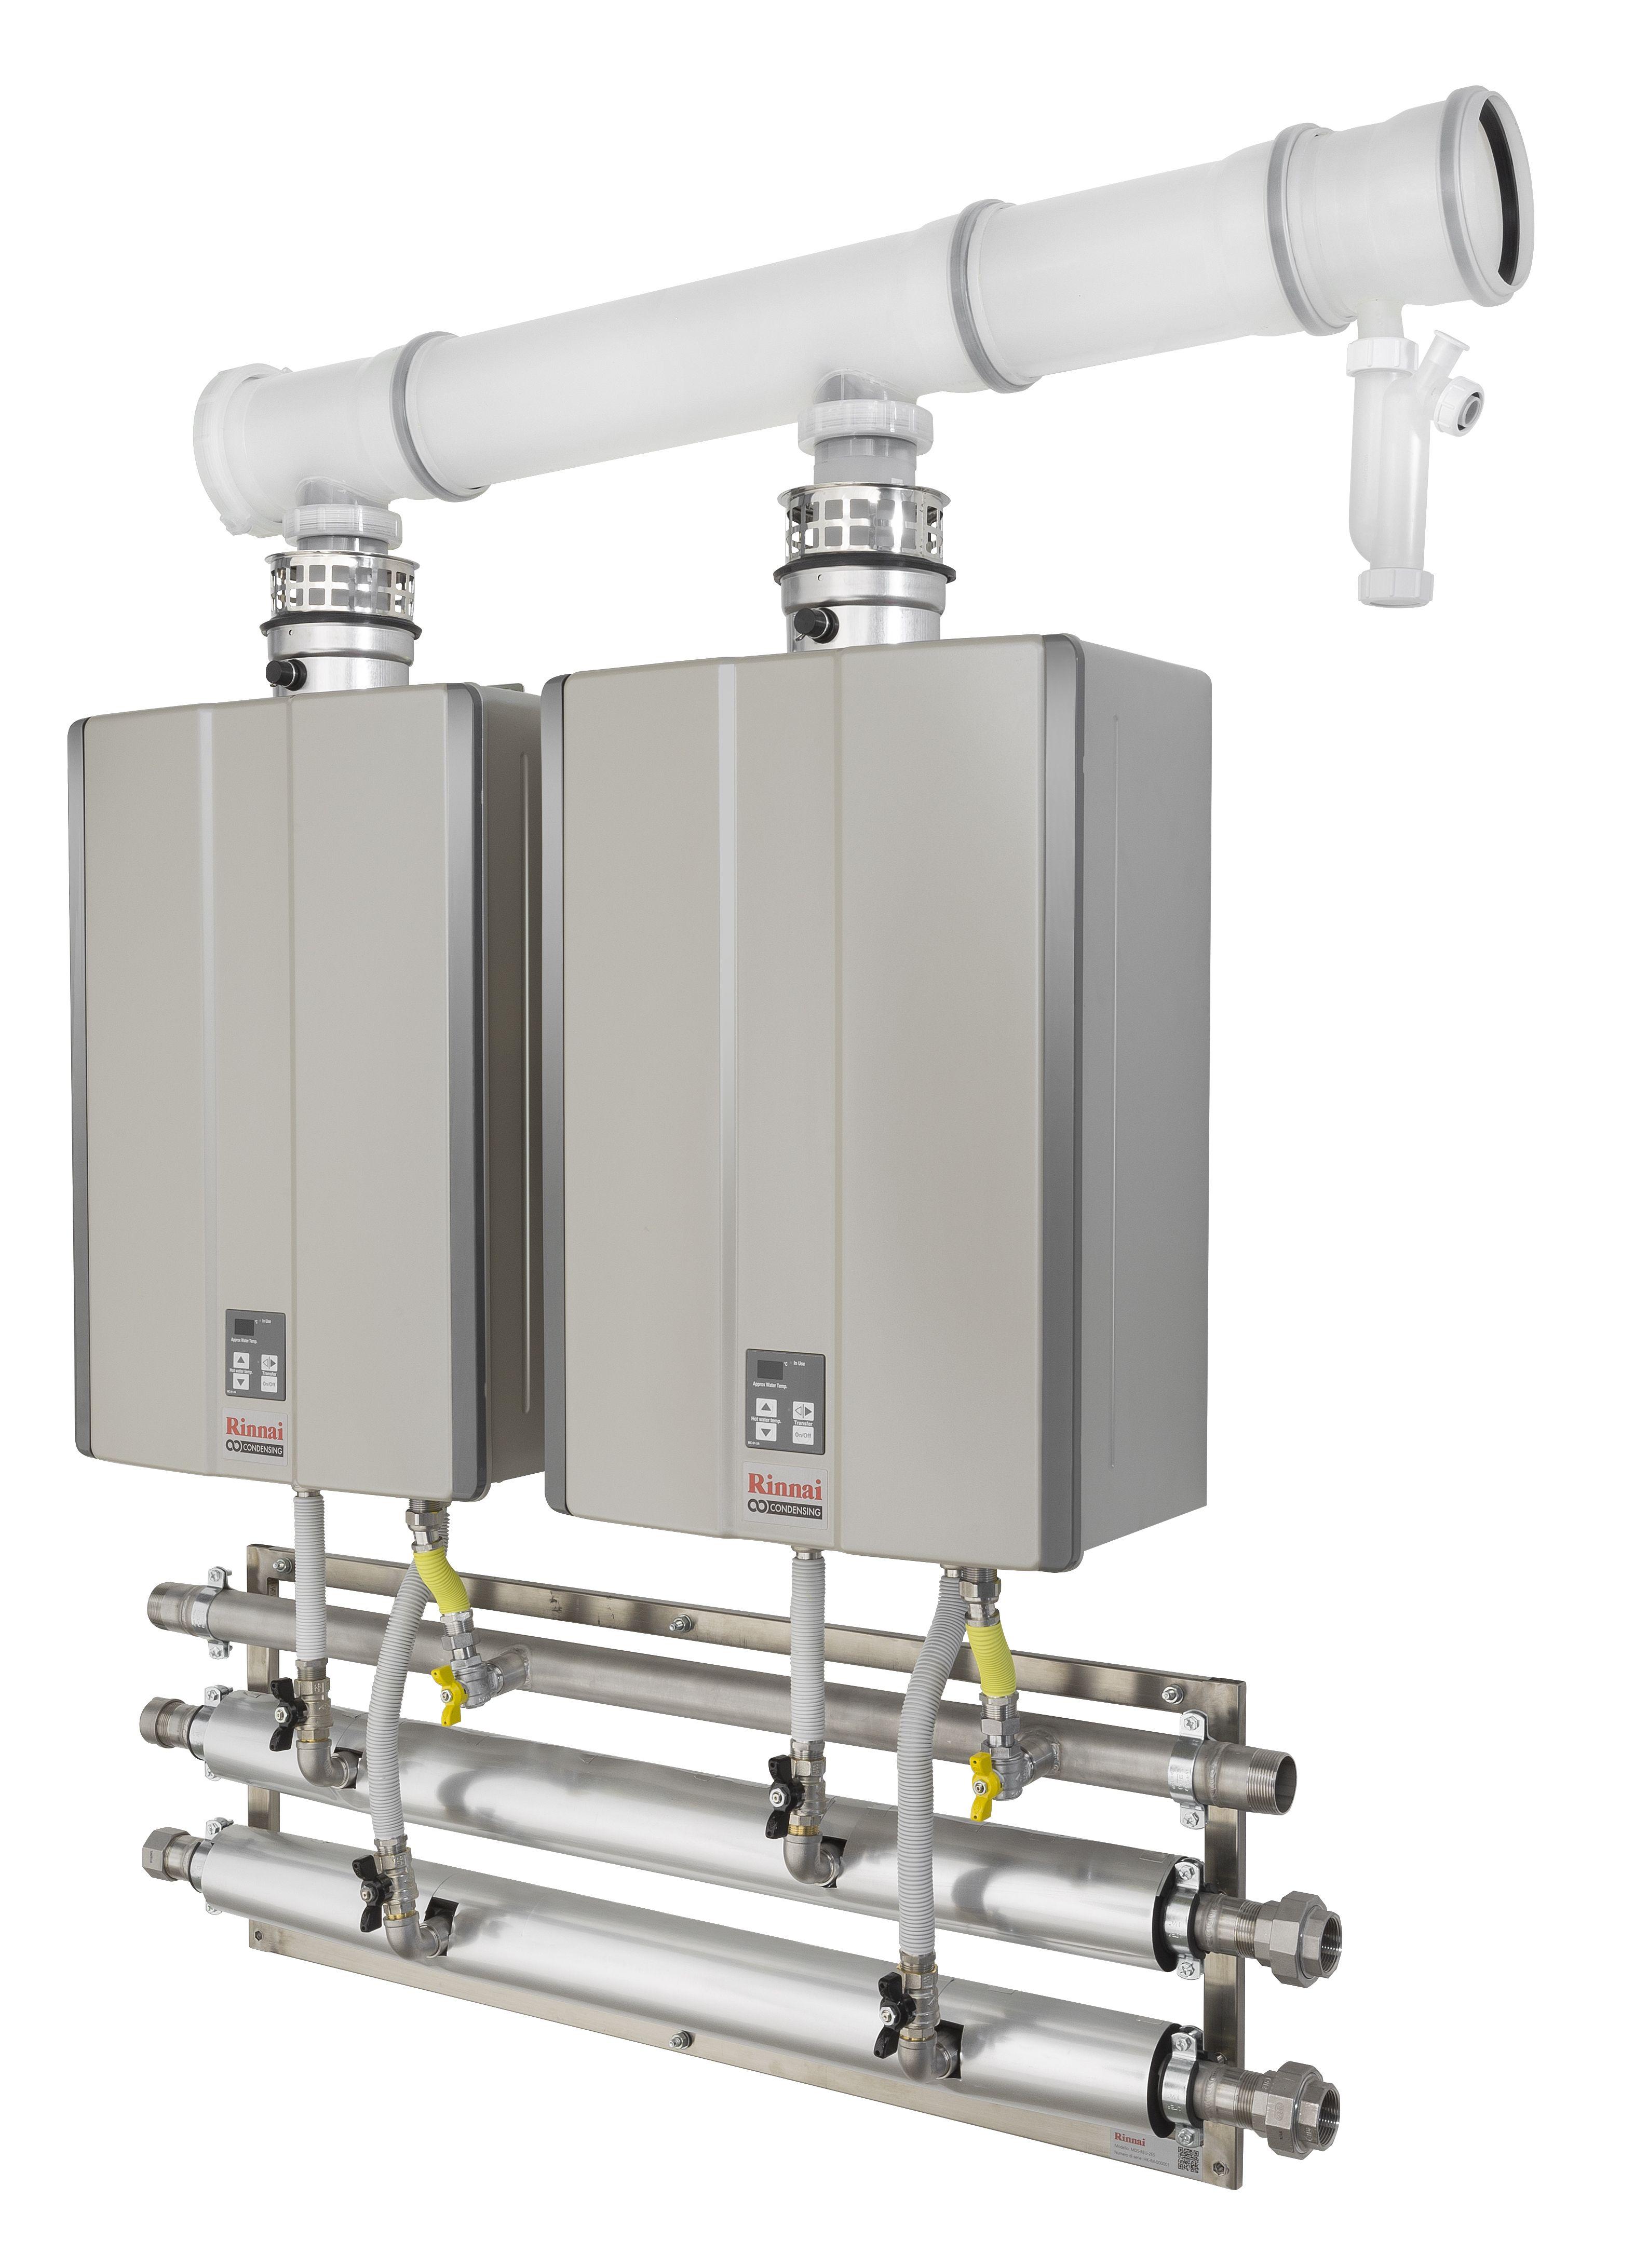 Sistema per l installazione multipla a muro di scaldacqua - Installazione scaldabagno a gas normativa ...